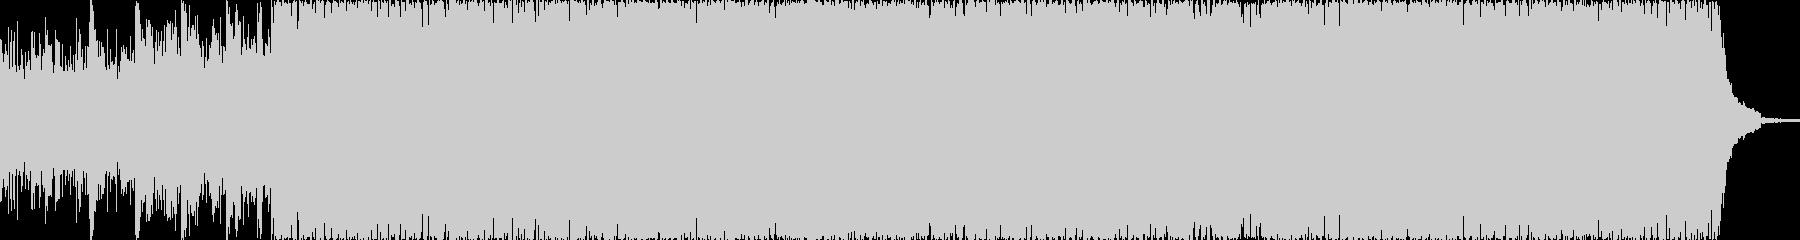 ギターのオープニング明るいポップ調テクノの未再生の波形